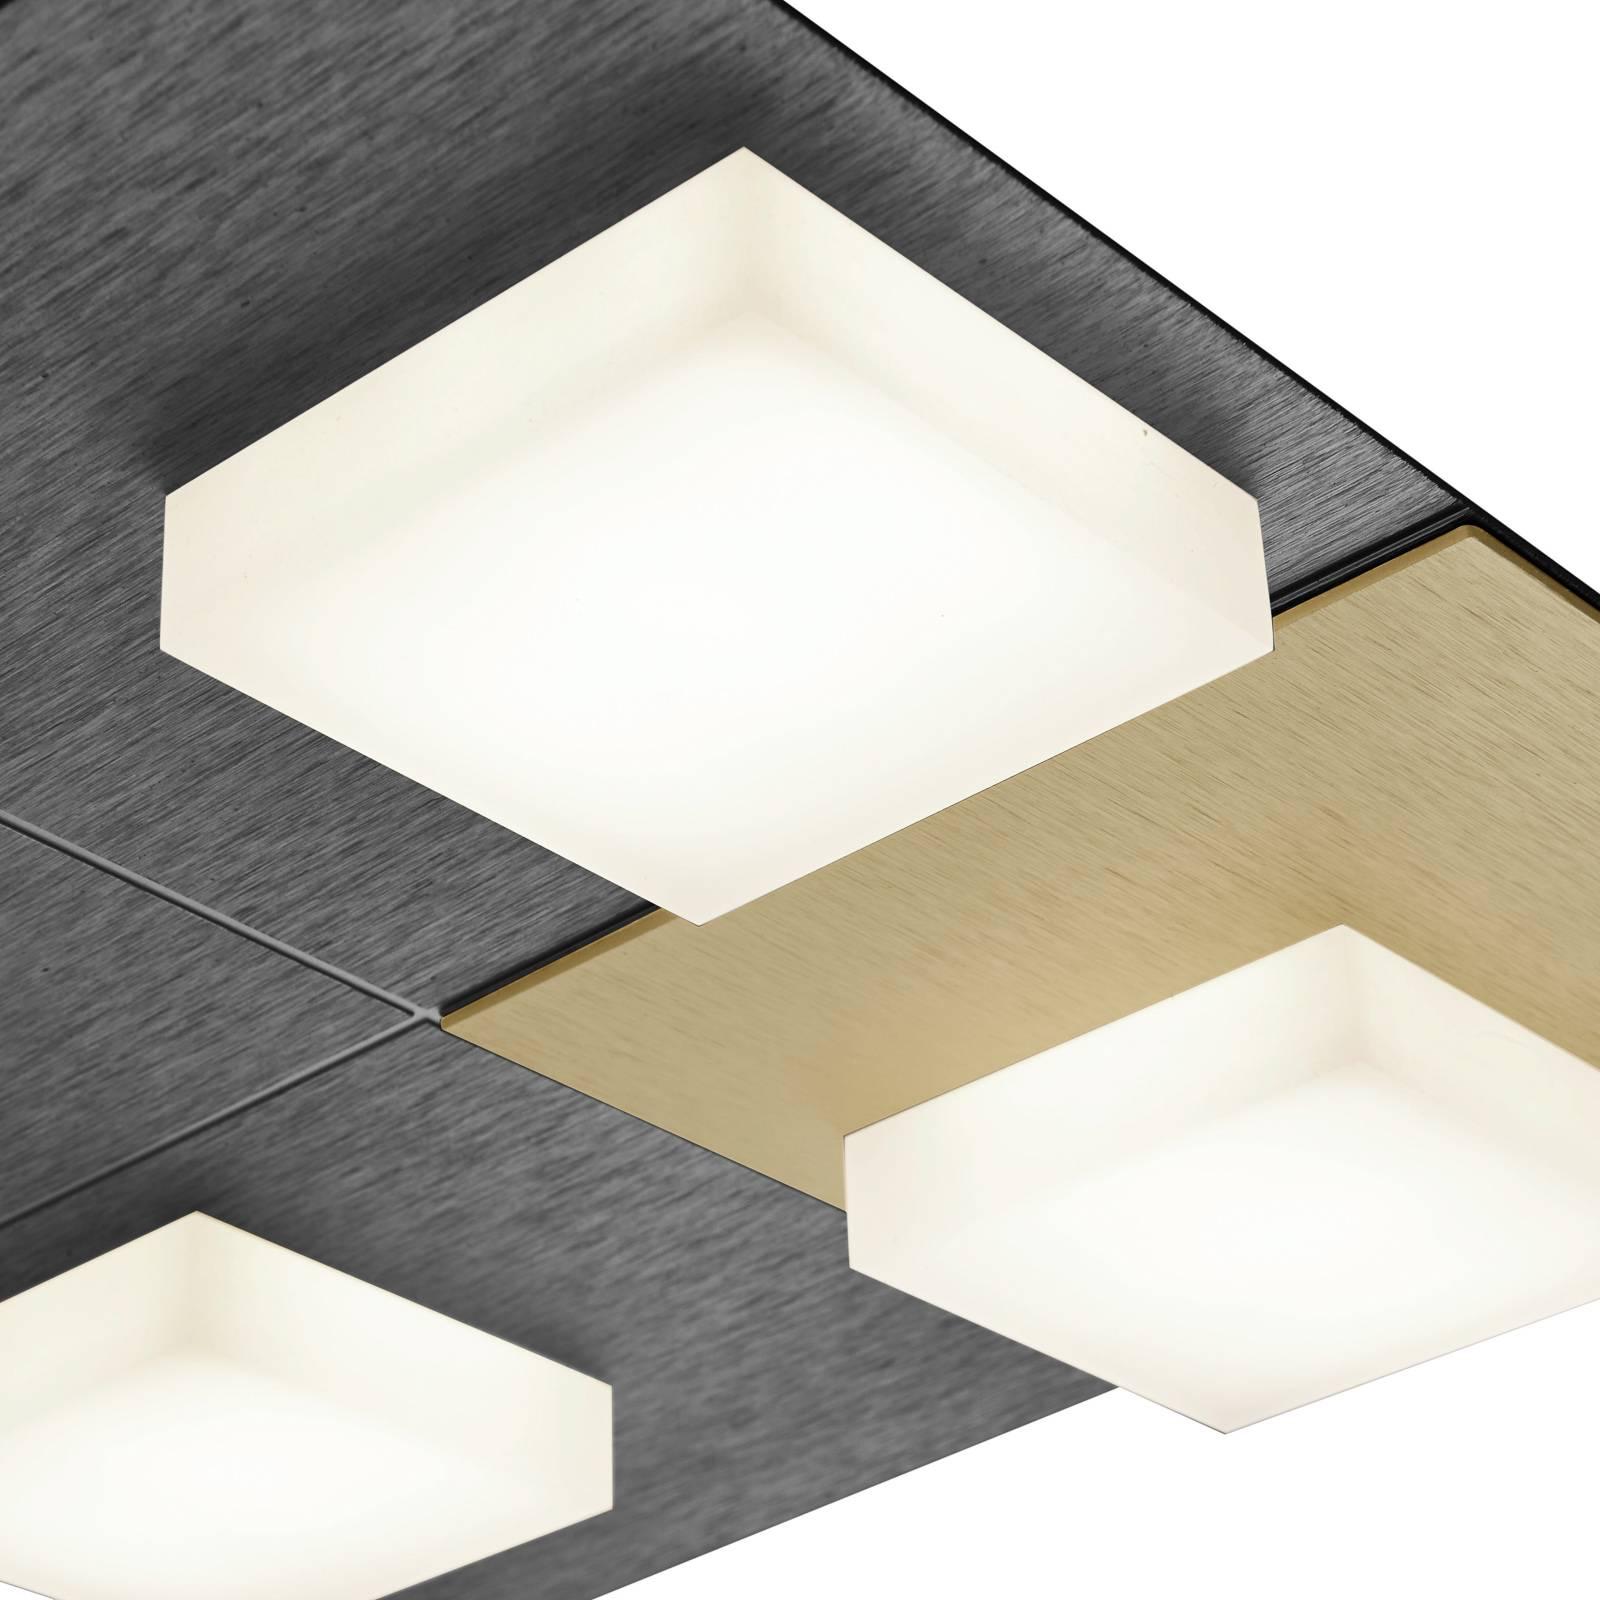 BANKAMP Cube Deckenleuchte 32W 28x28cm, anthrazit